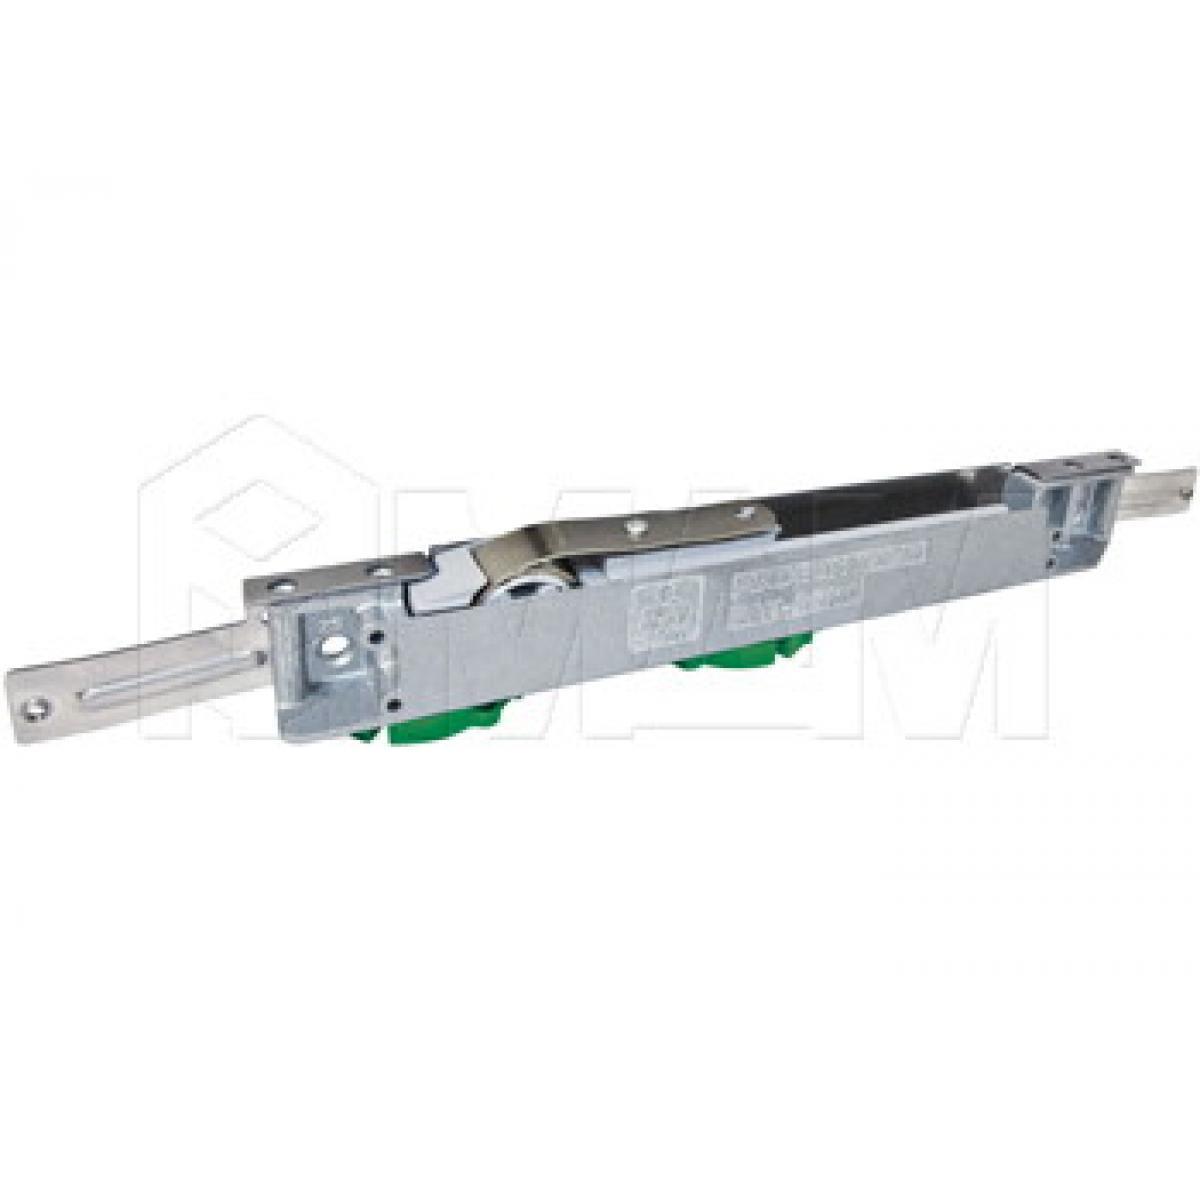 SOFTSPACE доводчик двухстороннего действия для двери 45 - 60 кг + 2 стопора